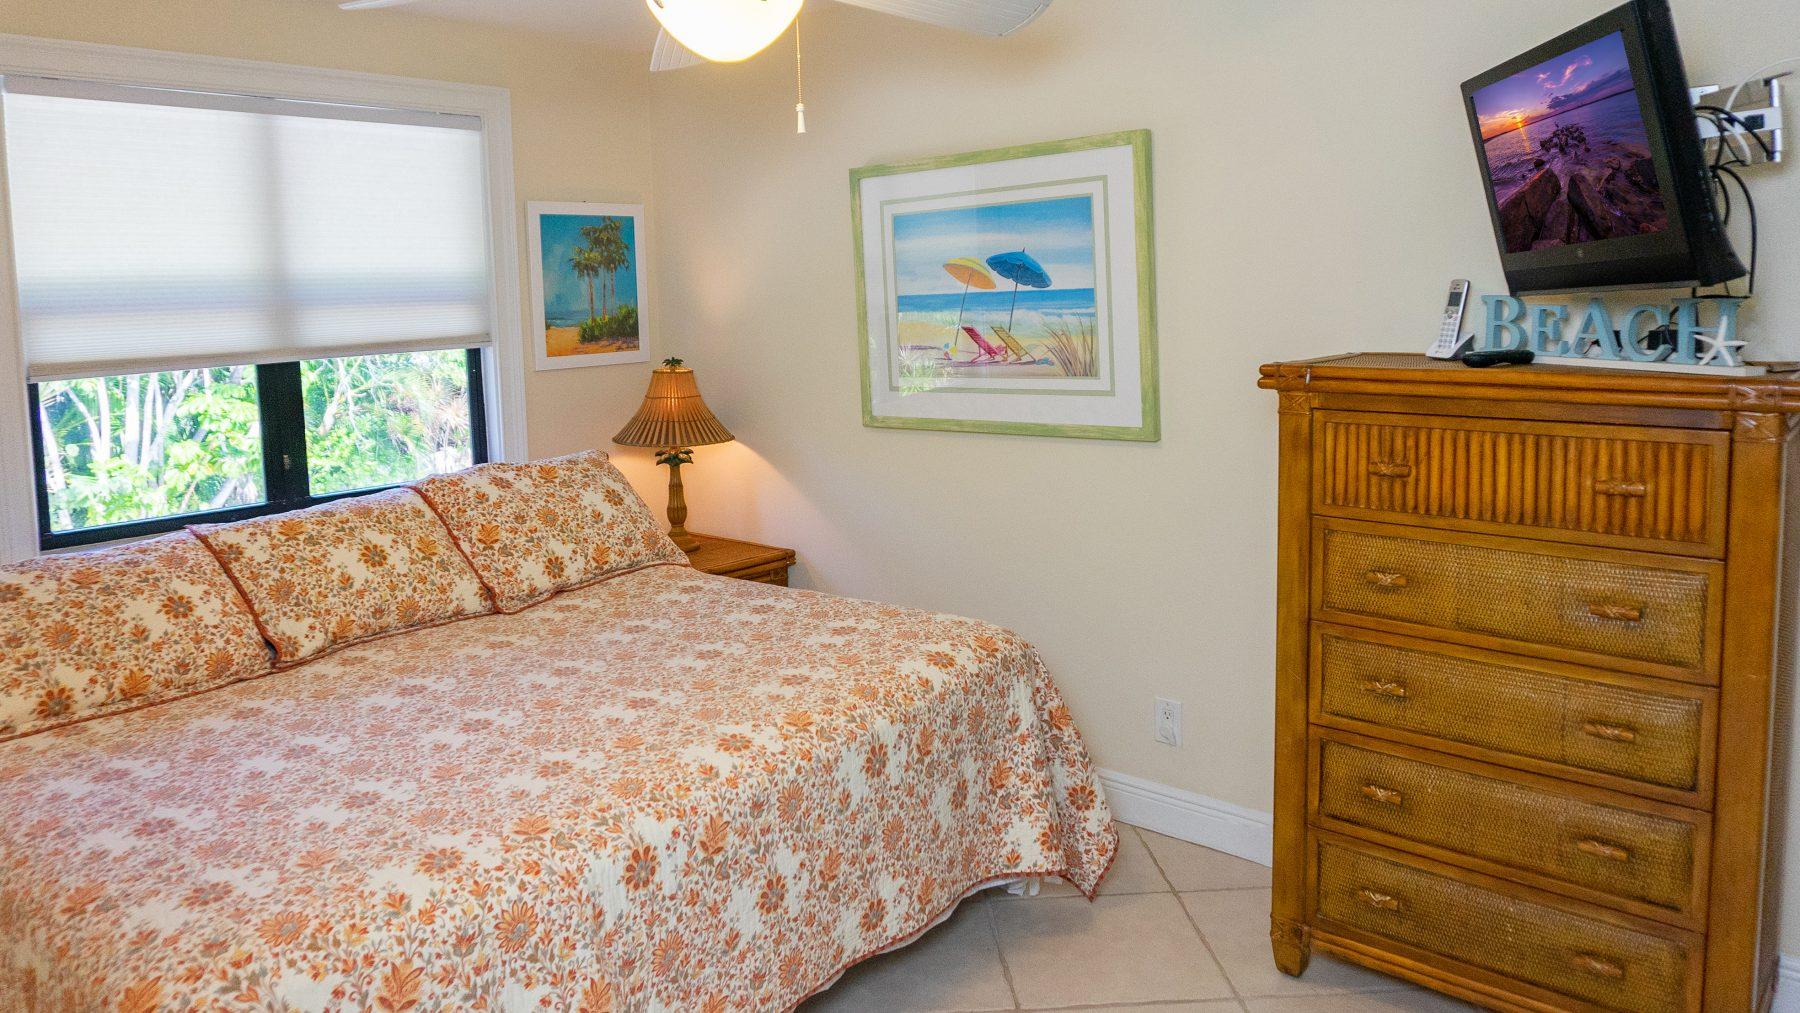 4 - 10 Bedroom